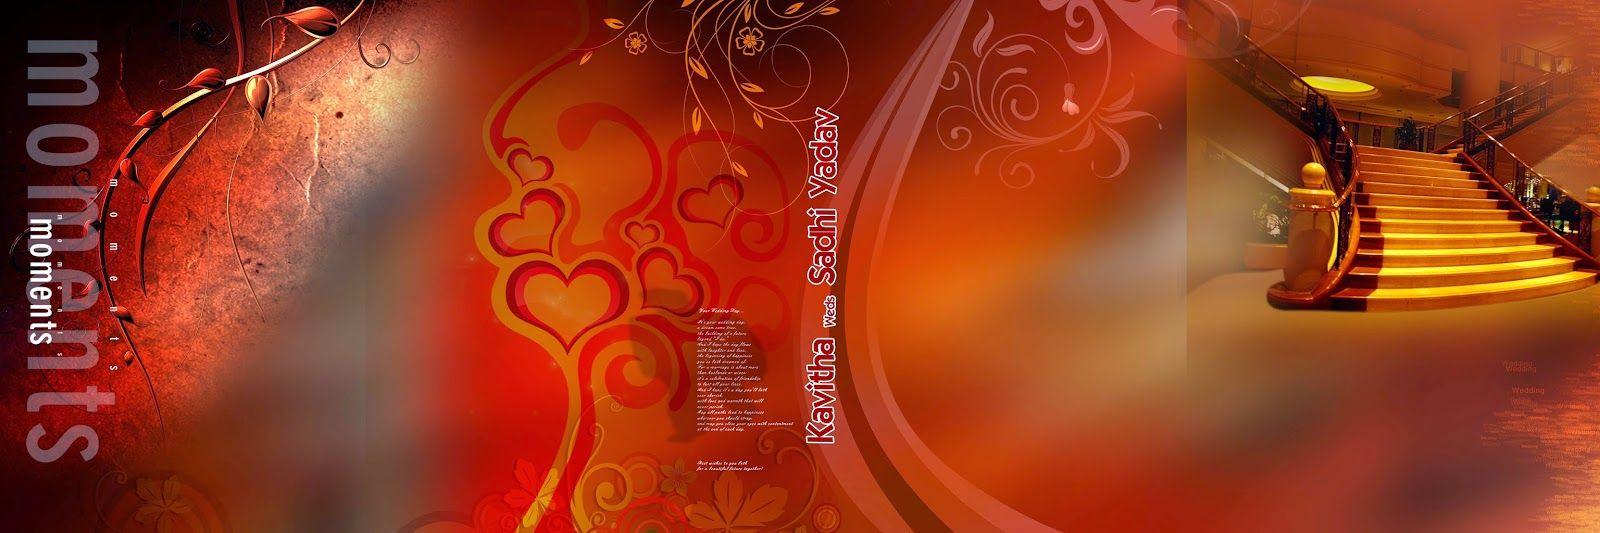 12x36 Album Psd File Free Download Photo Album Design Wedding Photography Album Design Wedding Album Design